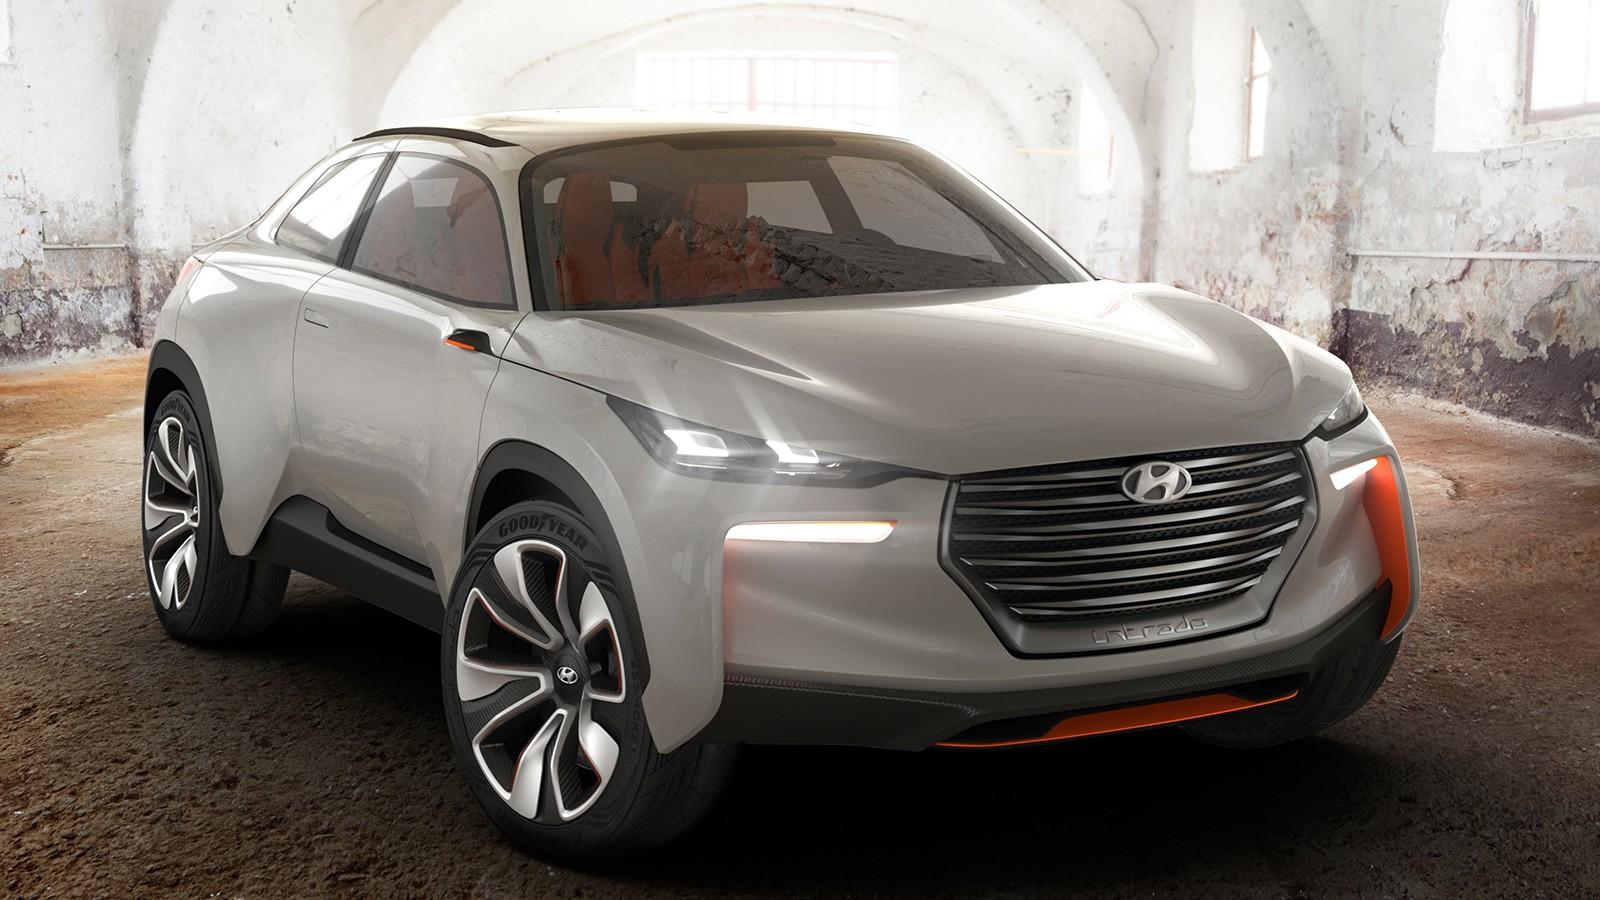 На фото: Hyundai Intrado Concept '2014. Заужение фар стало трендом Хёндэ после премьеры этого шоу-кара